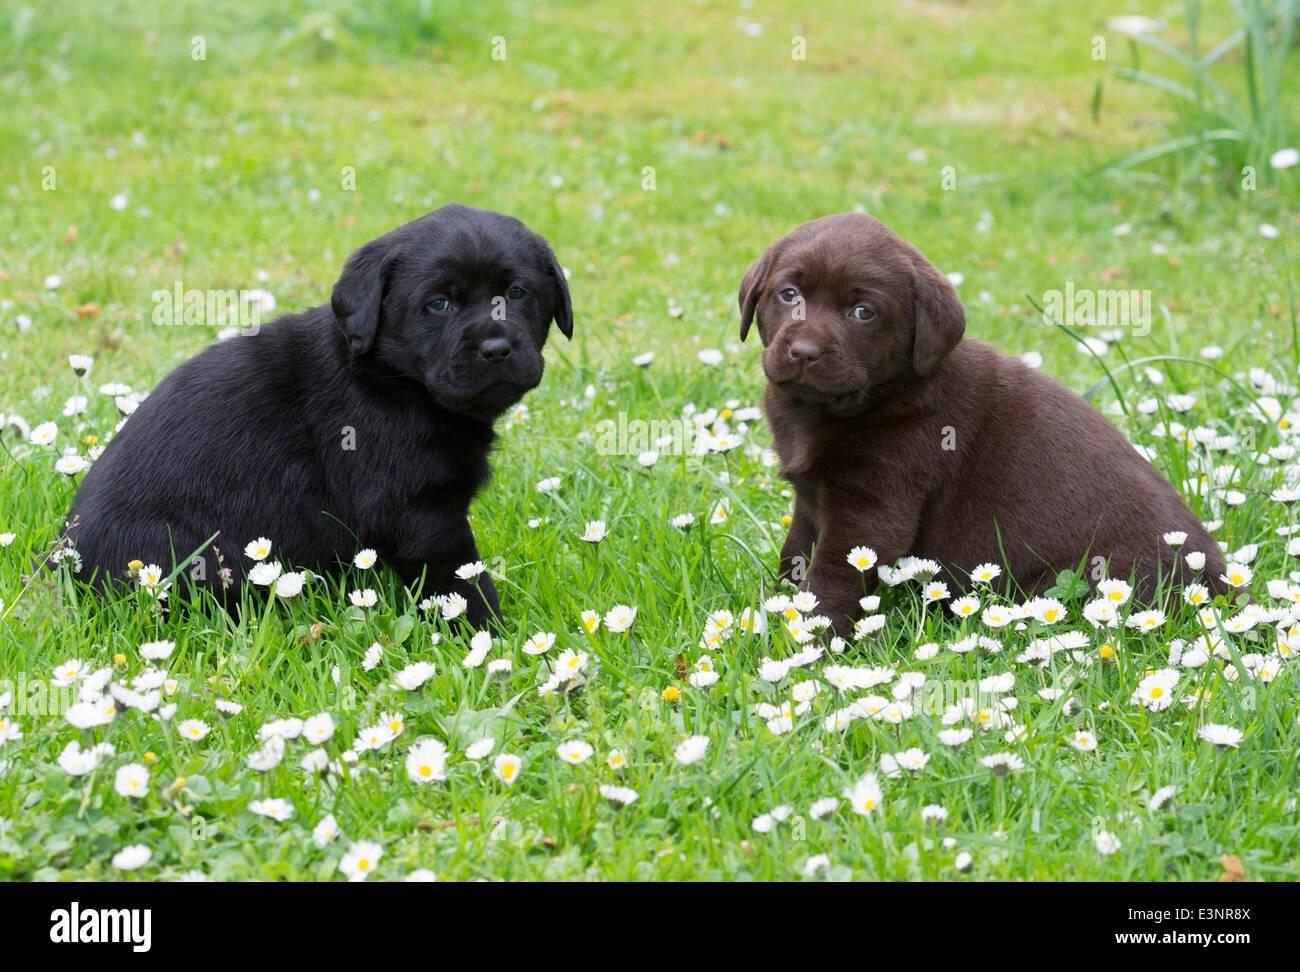 Black and chocolate Labrador Retriever puppies - Stock Image